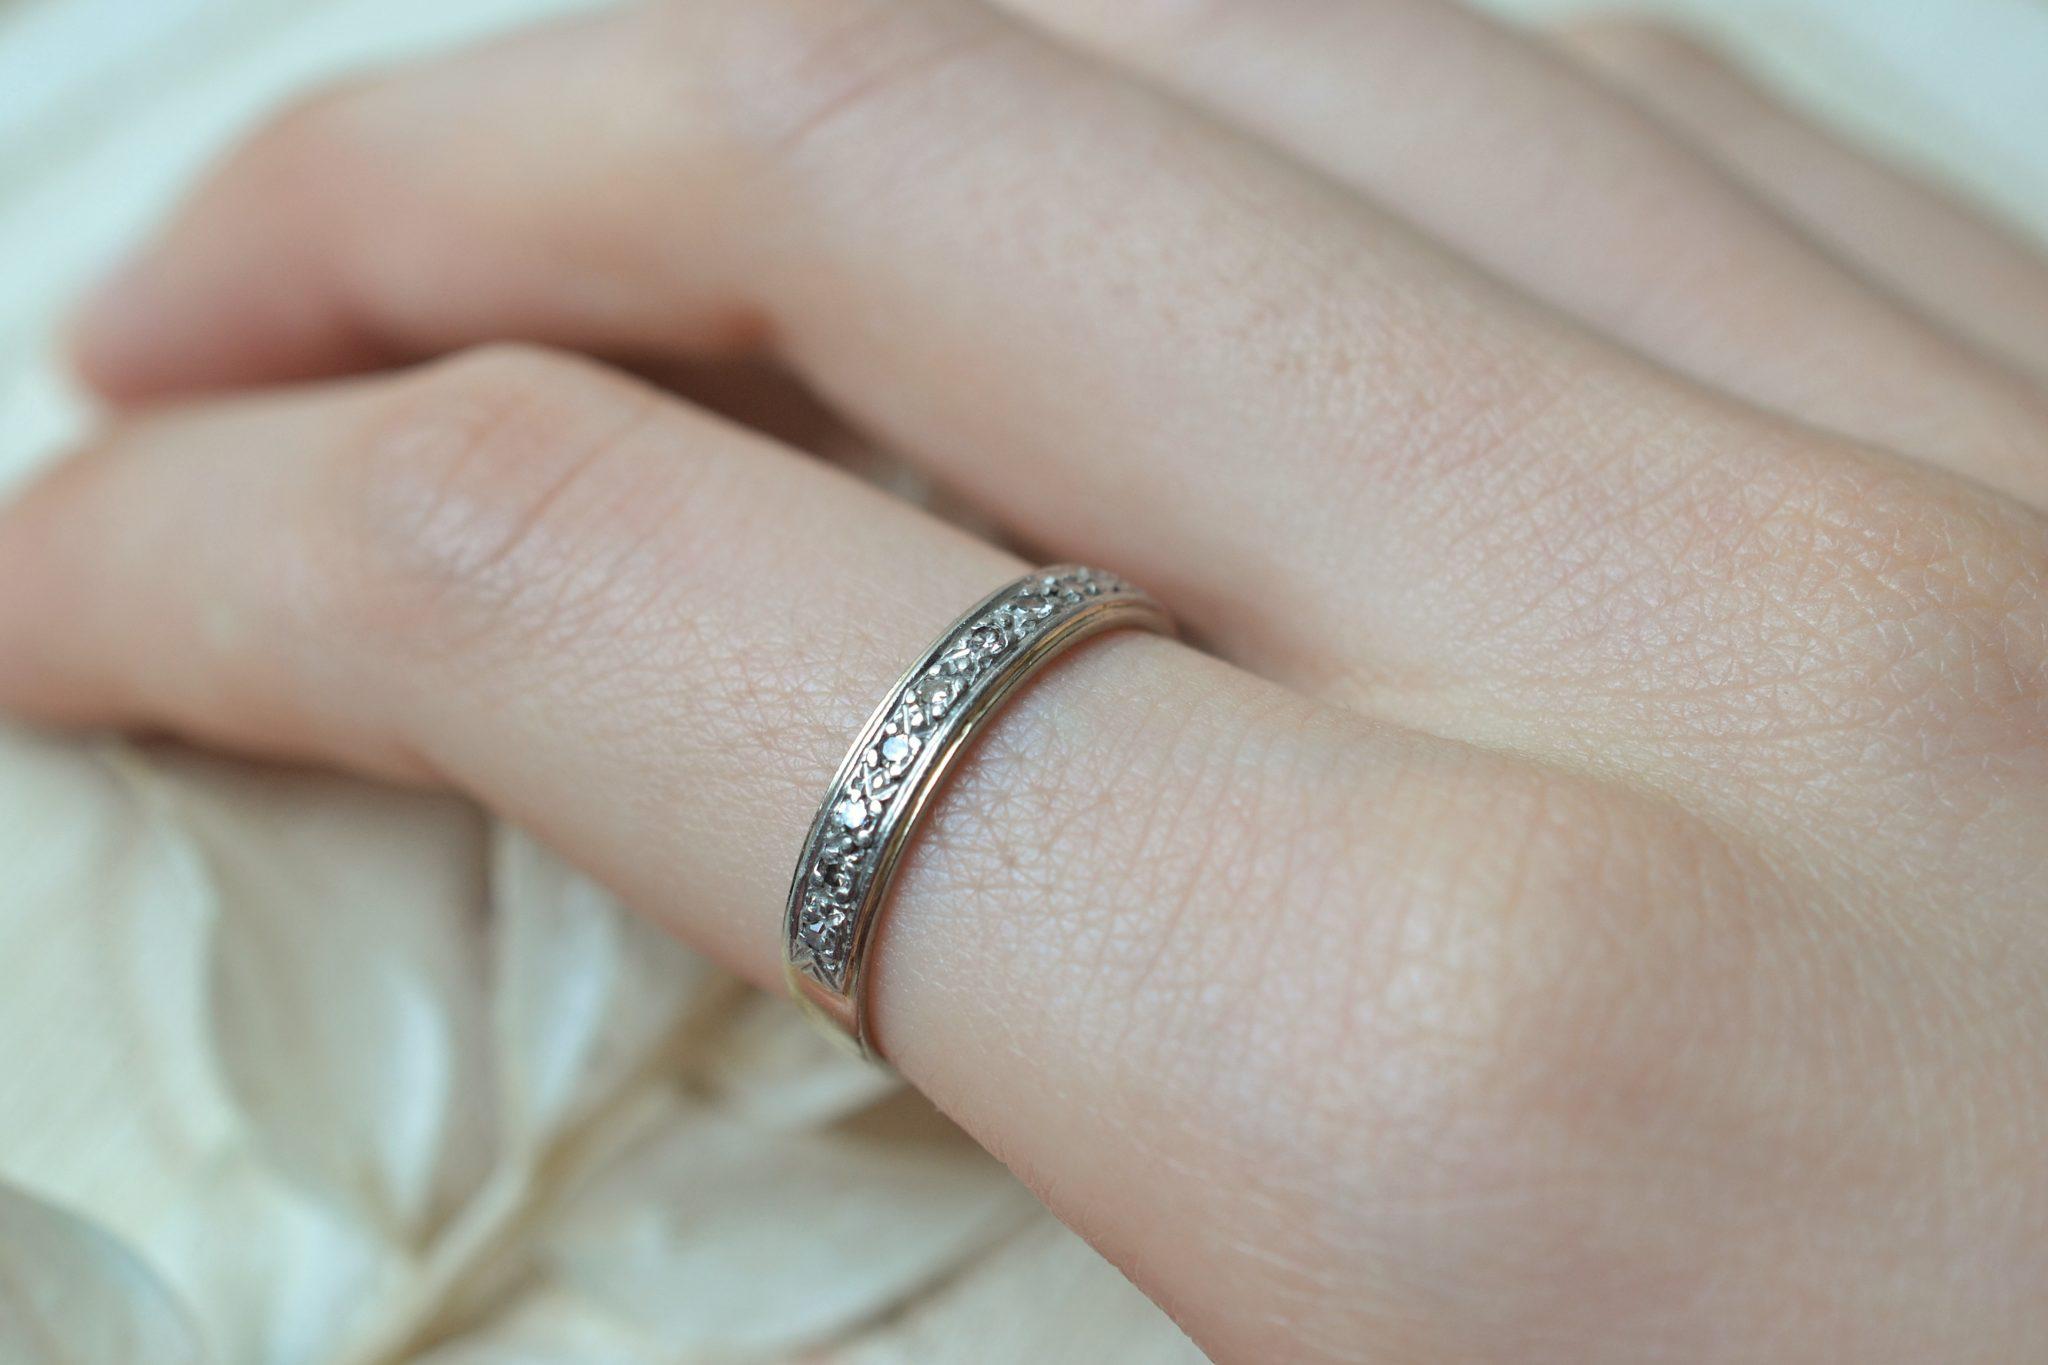 Anneau en platine et Or blanc orné de diamants 8_8 - bague de seconde main